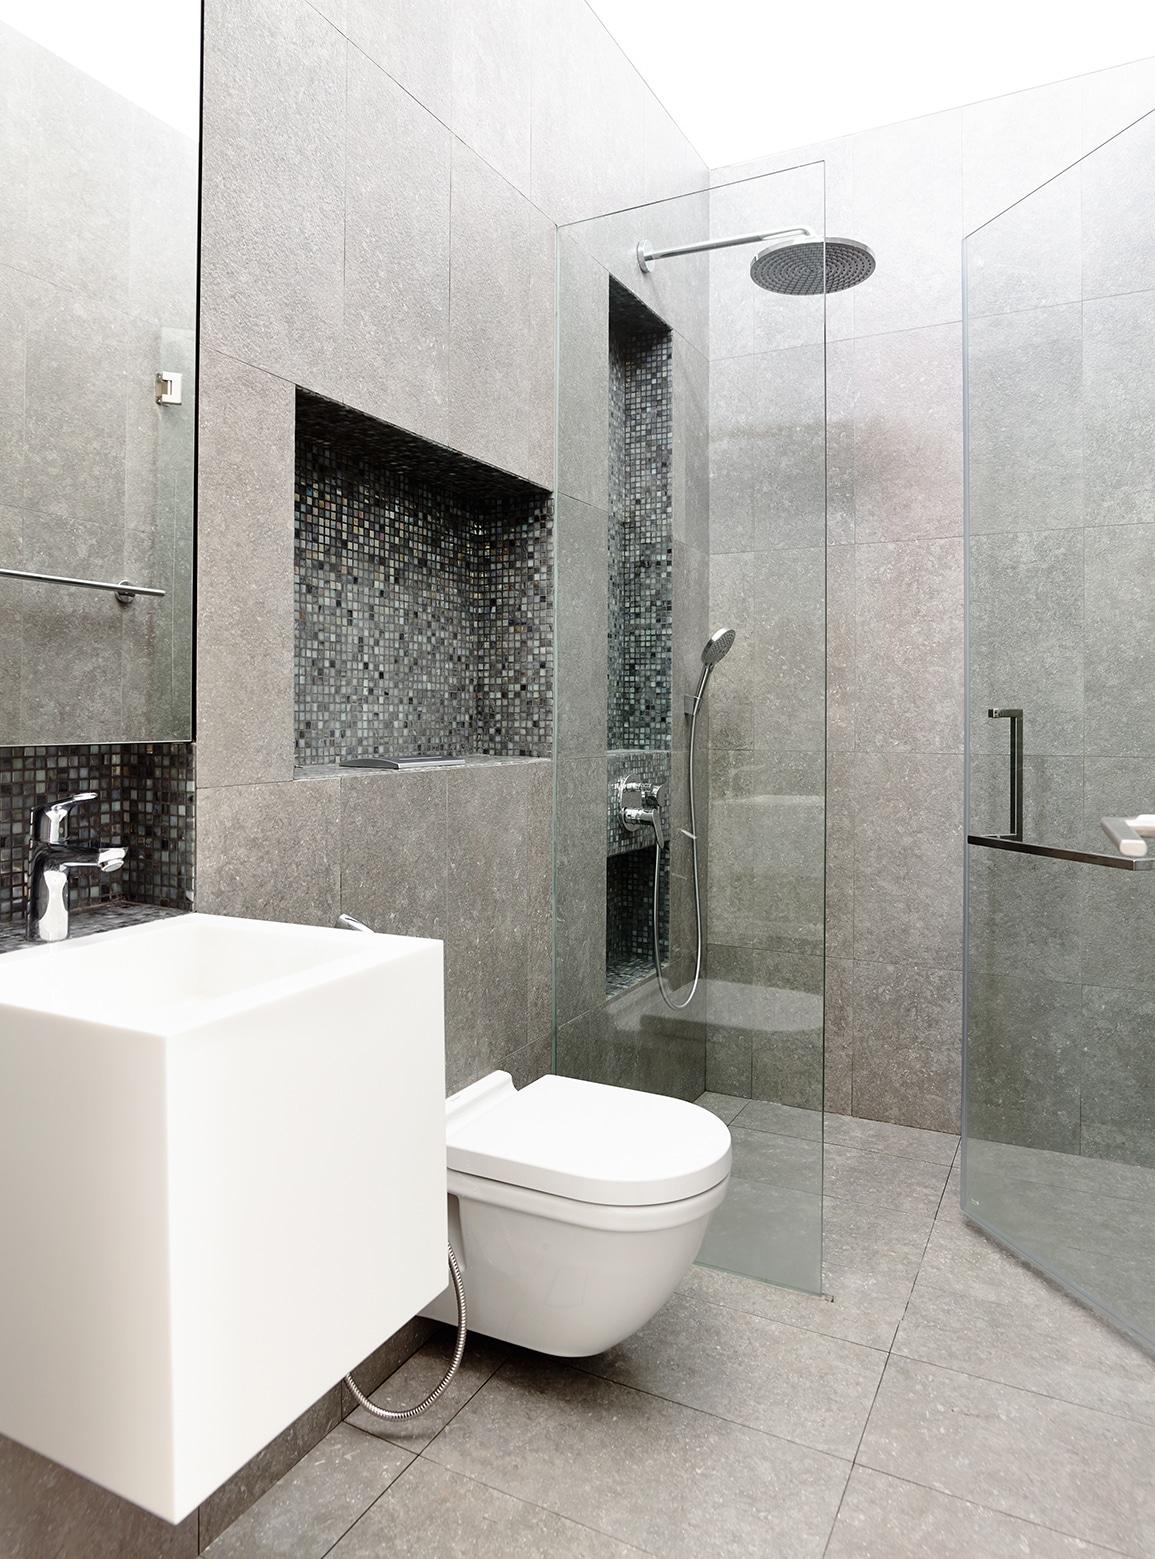 Baños Gris Con Blanco:Sanitarios blancos y cerámicos en tonos grises hacen contraste en el